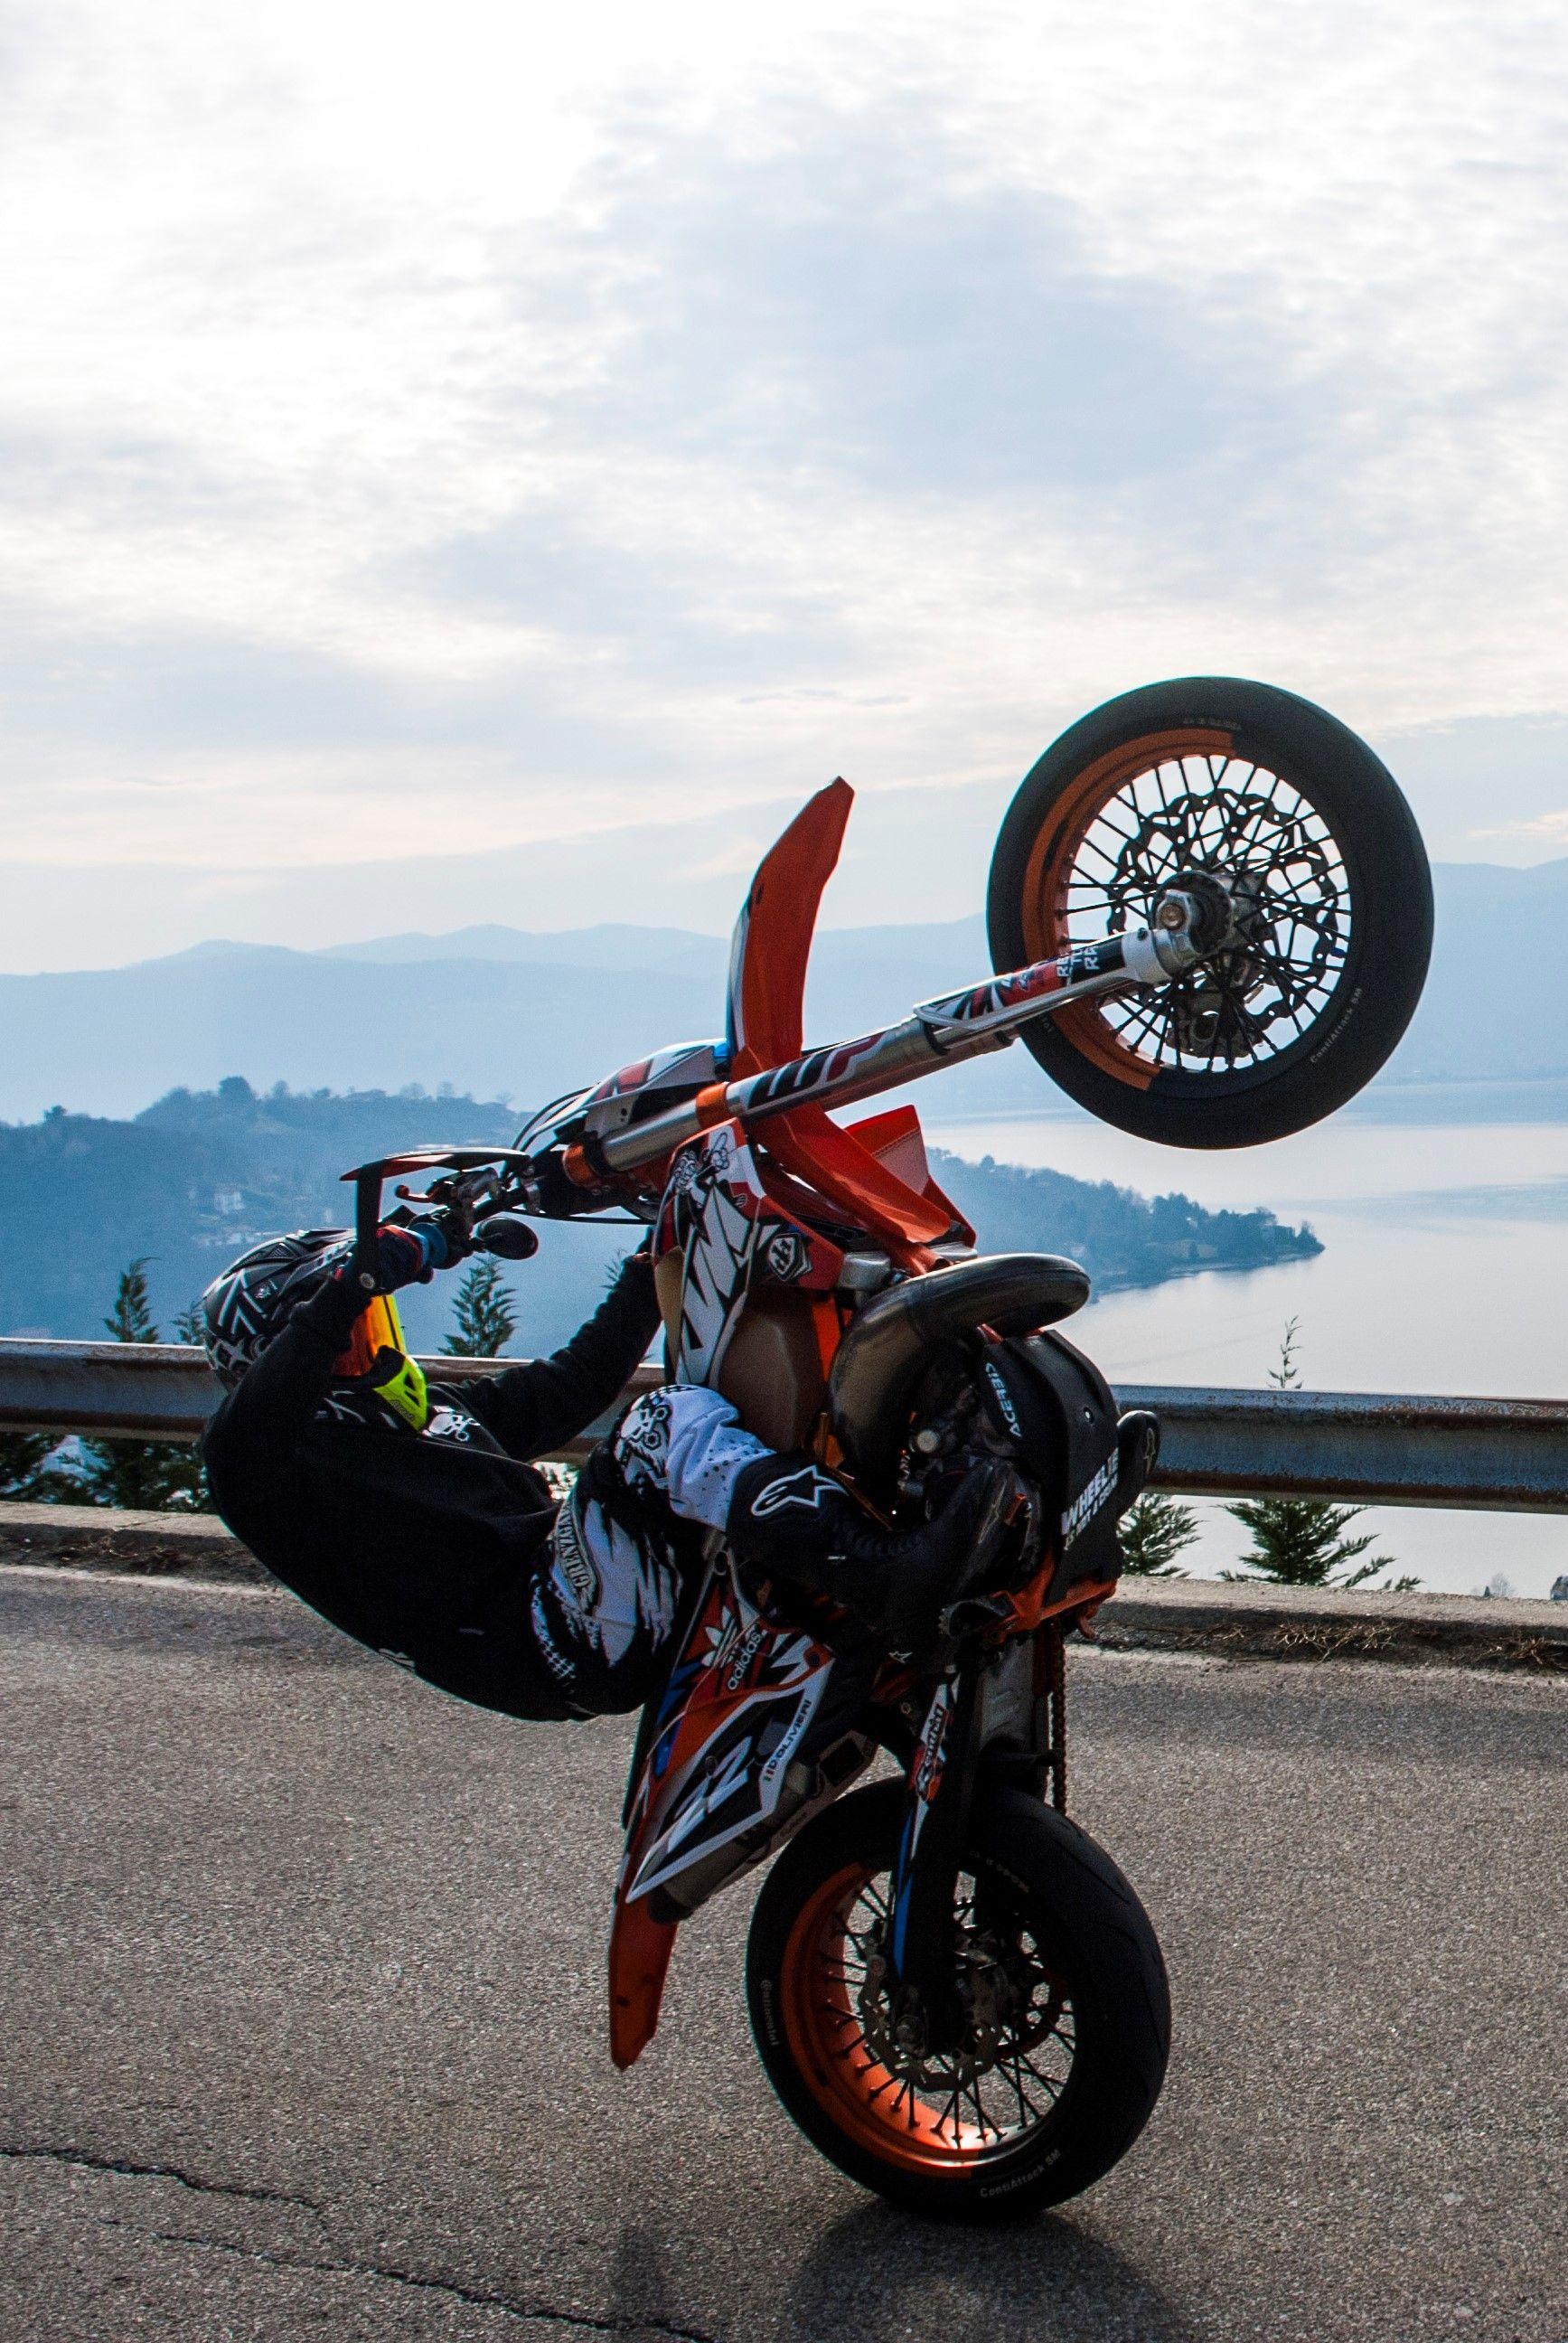 Grenzgaenger Wheelie Wheelies Ride Supermoto Enduro Stunt